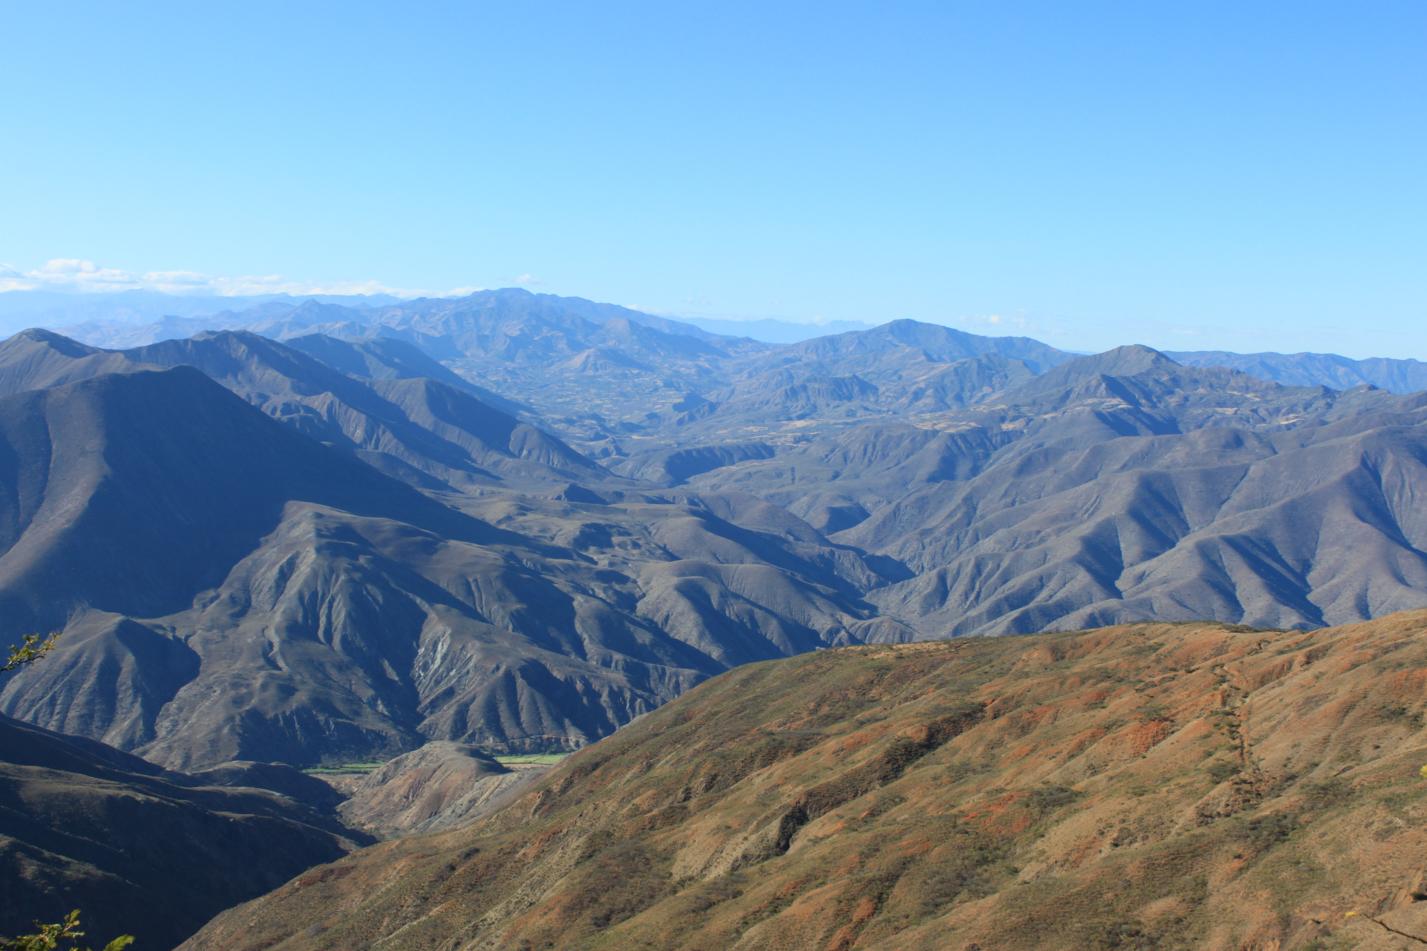 Ausblick von unserer Finka über die Anden in der Morgensonne.